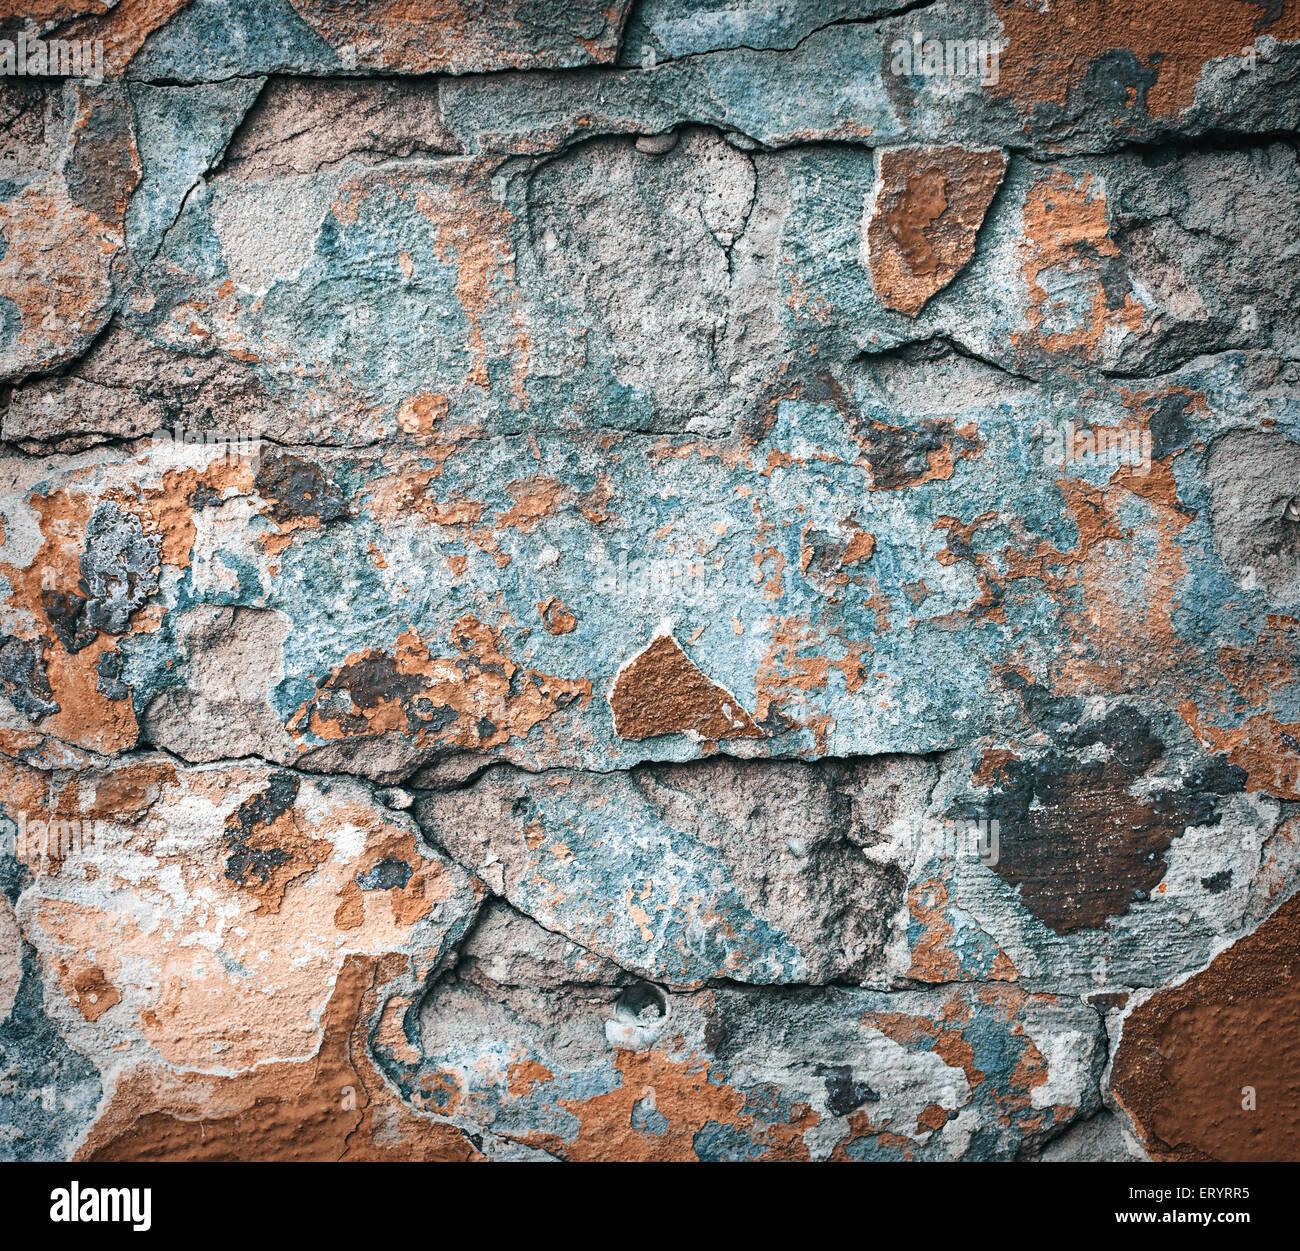 Arrière-plan de la texture du mur de brique colorée. la maçonnerie. L'écaillage de la peinture ...